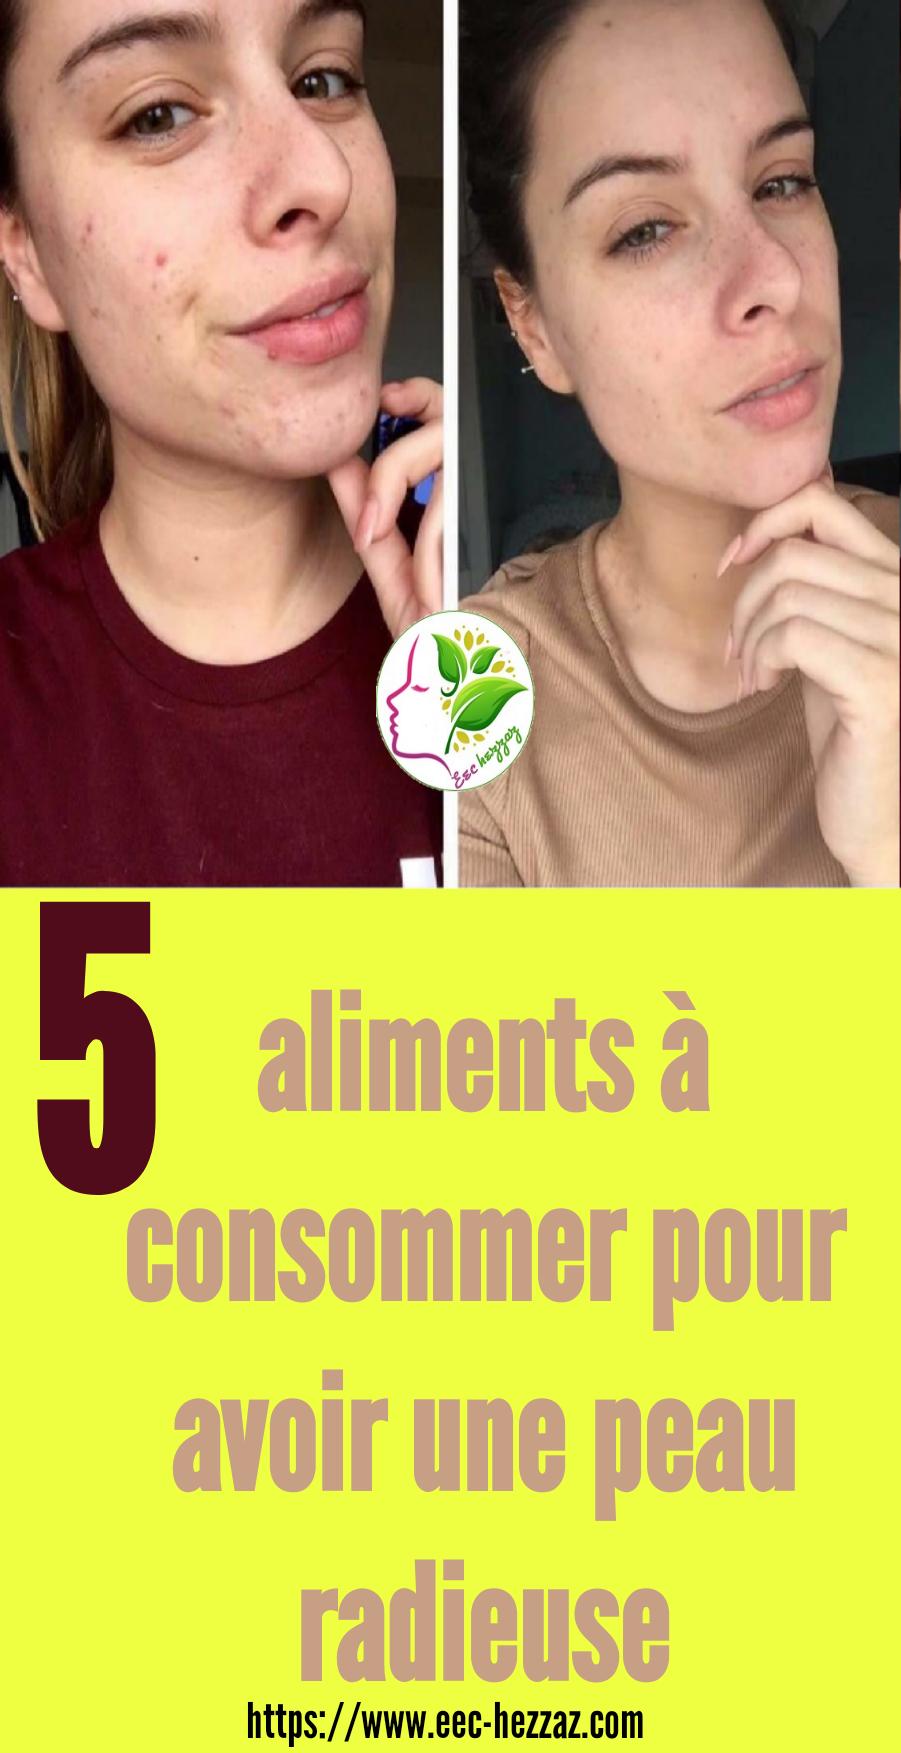 5 aliments à consommer pour avoir une peau radieuse